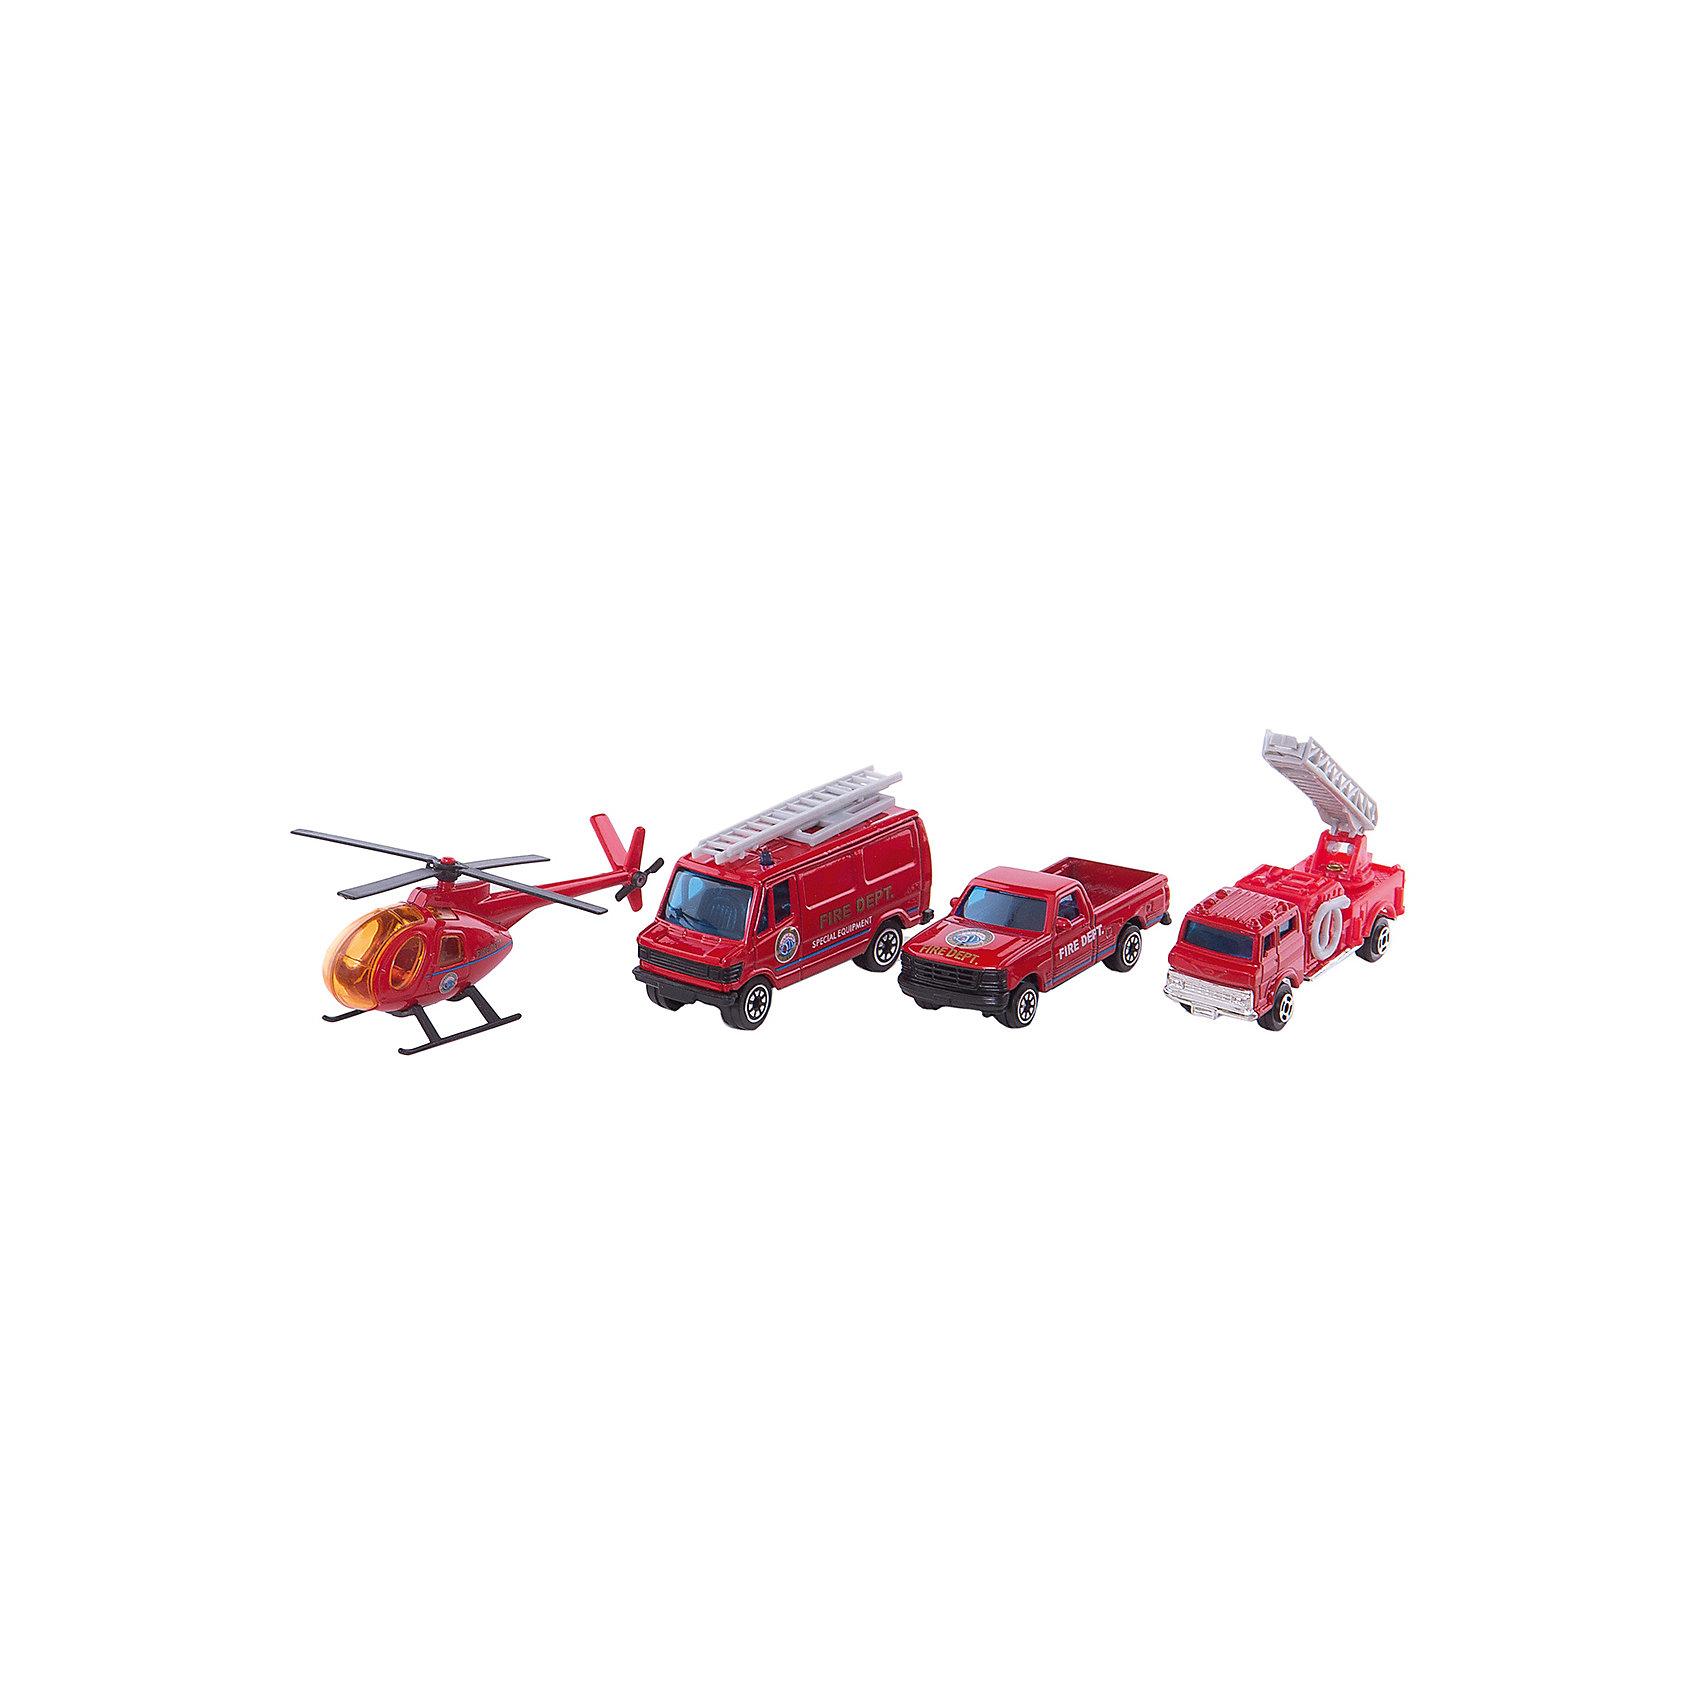 Welly Набор Служба спасения - пожарная команда  4 штукиИгровые наборы<br>Welly Набор Служба спасения - пожарная команда 4 штуки<br><br>Характеристики:<br><br>• Возраст: от 4 лет<br>• В комплекте: вертолет, фургон, легковая и пожарная машины<br>• Материал: металл, пластик<br>• Цвет: красный<br><br>Игровой набор включает в себя уменьшенную копию пожарной машины, легковой служебный автомобиль, фургон и вертолет. Все это поможет ребенку создать целый спектакль. Все игрушки сделаны из качественного материала, который не только безопасен для ребенка, но еще и очень крепок. <br><br>Welly Набор Служба спасения - пожарная команда 4 штуки можно купить в нашем интернет-магазине.<br><br>Ширина мм: 35<br>Глубина мм: 210<br>Высота мм: 150<br>Вес г: 206<br>Возраст от месяцев: 84<br>Возраст до месяцев: 1188<br>Пол: Мужской<br>Возраст: Детский<br>SKU: 2150015